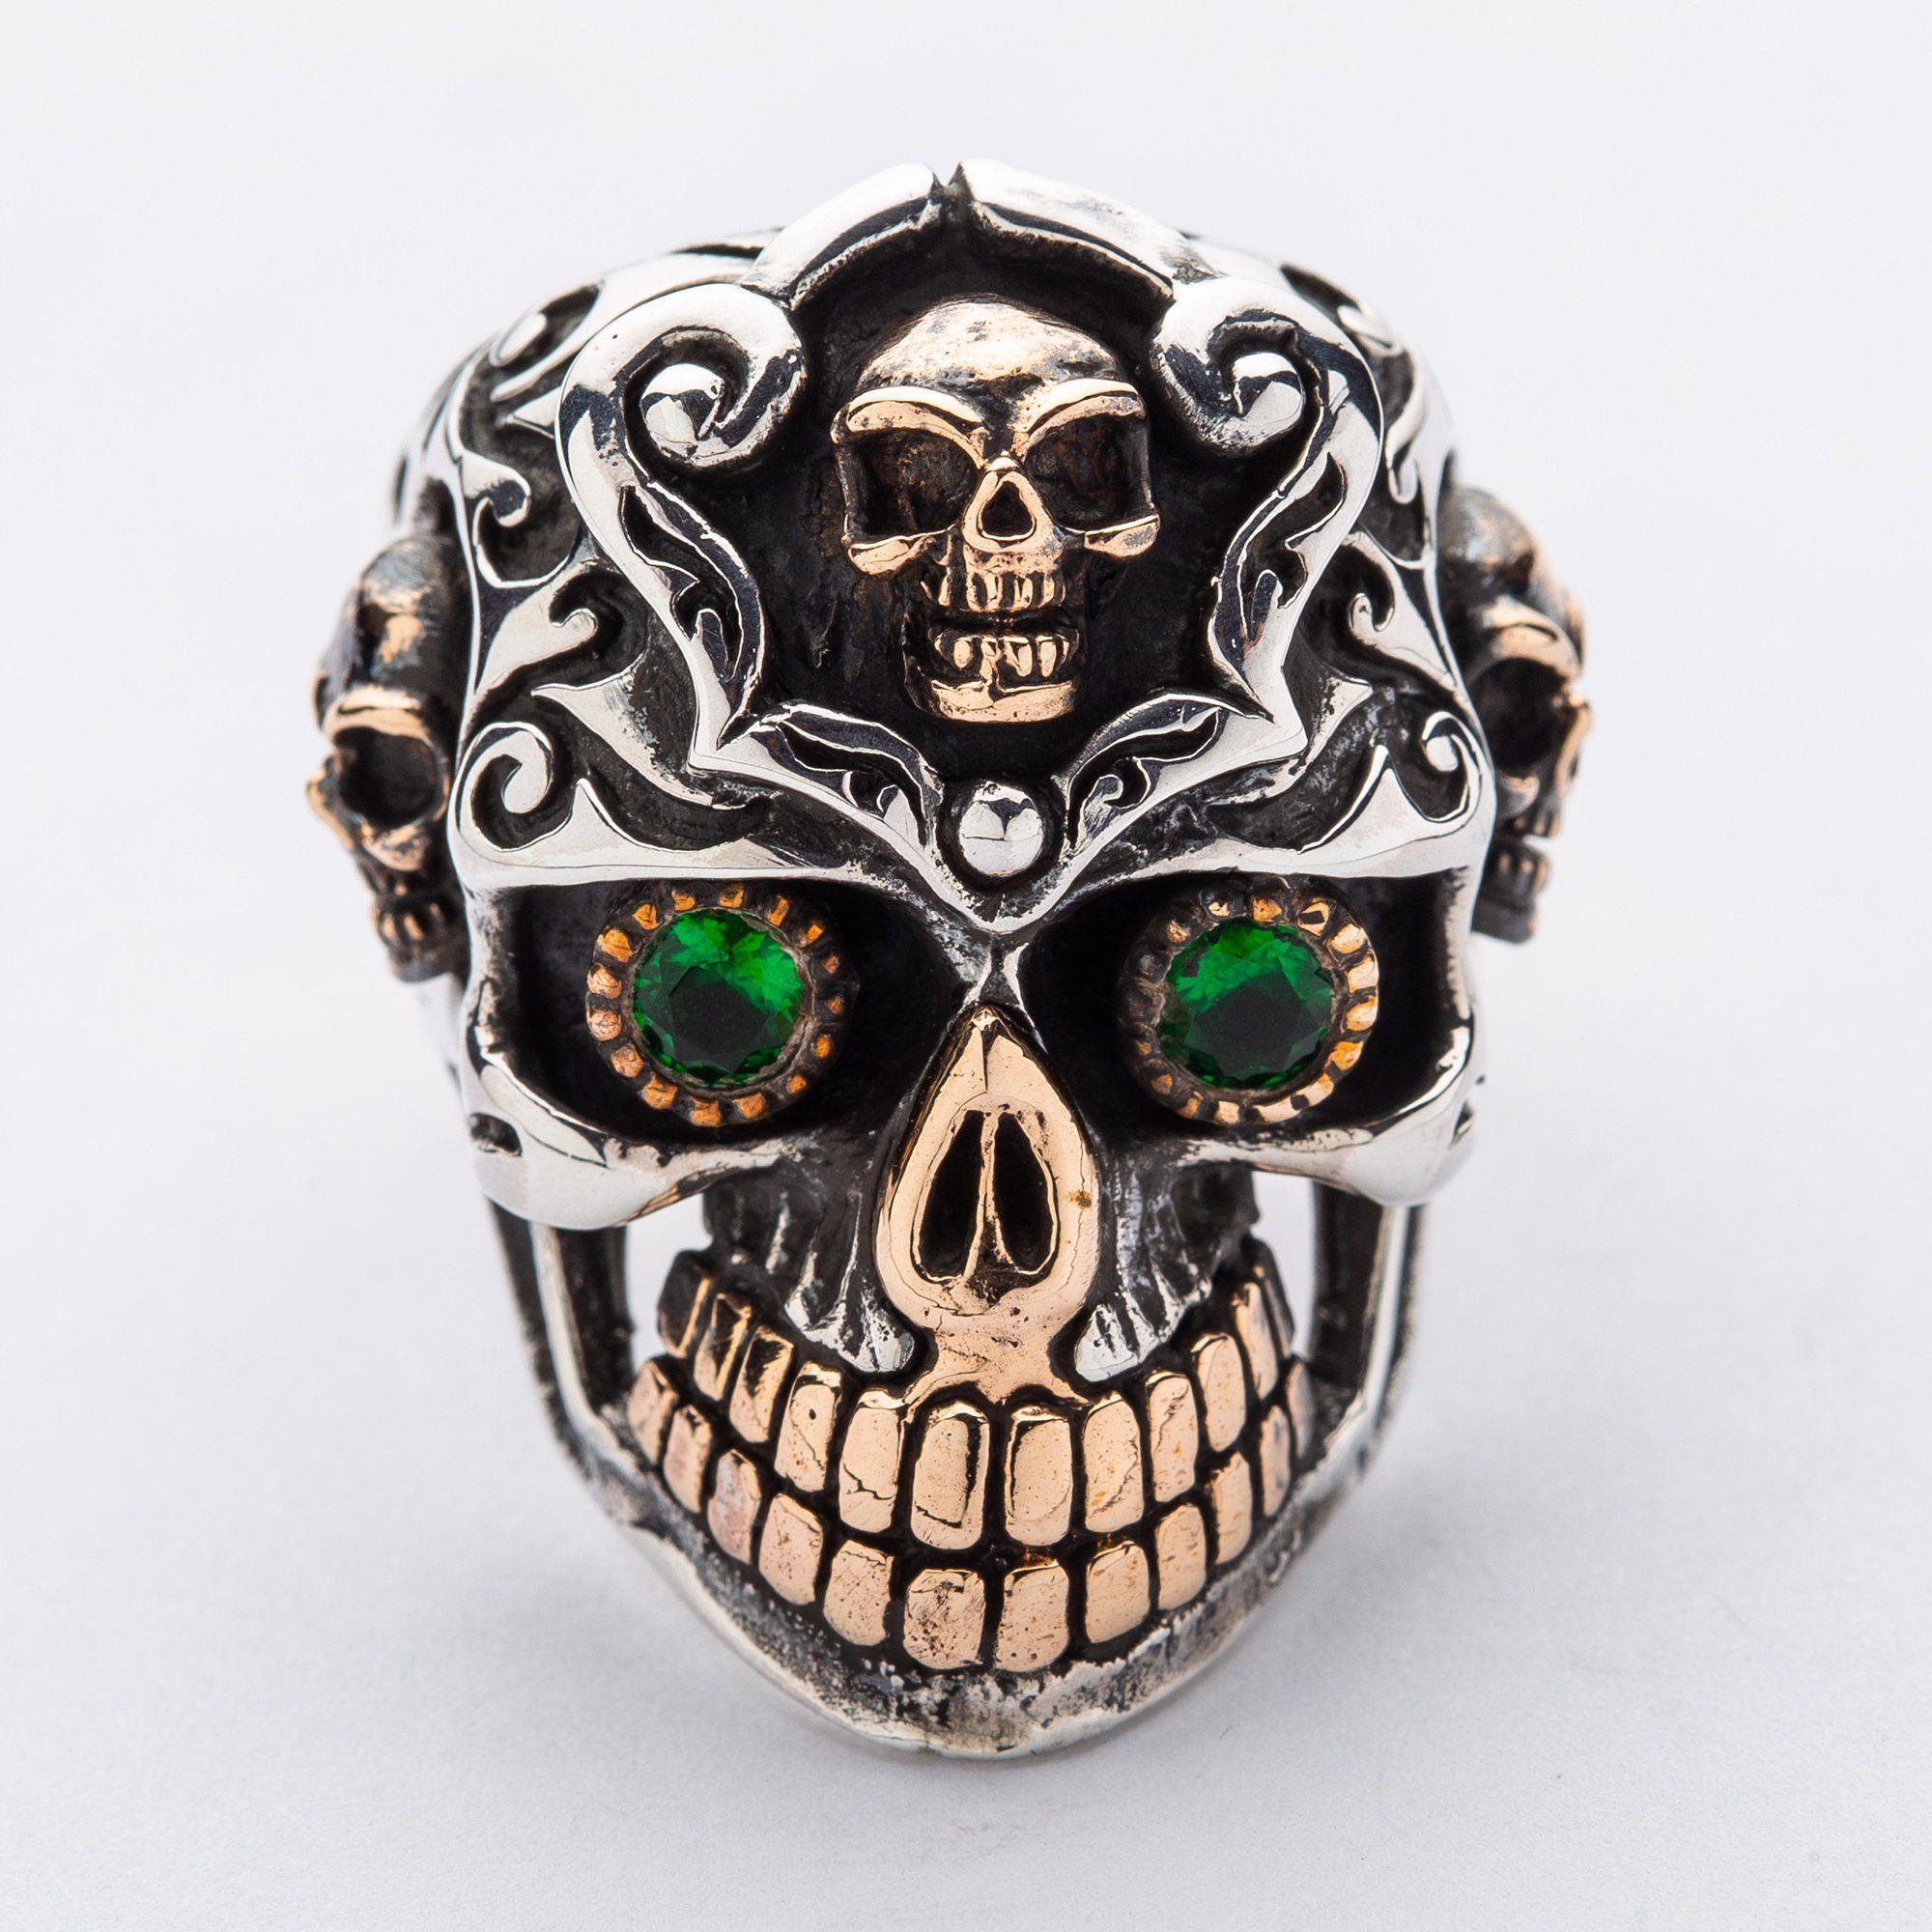 36+ Skull wedding rings for her information